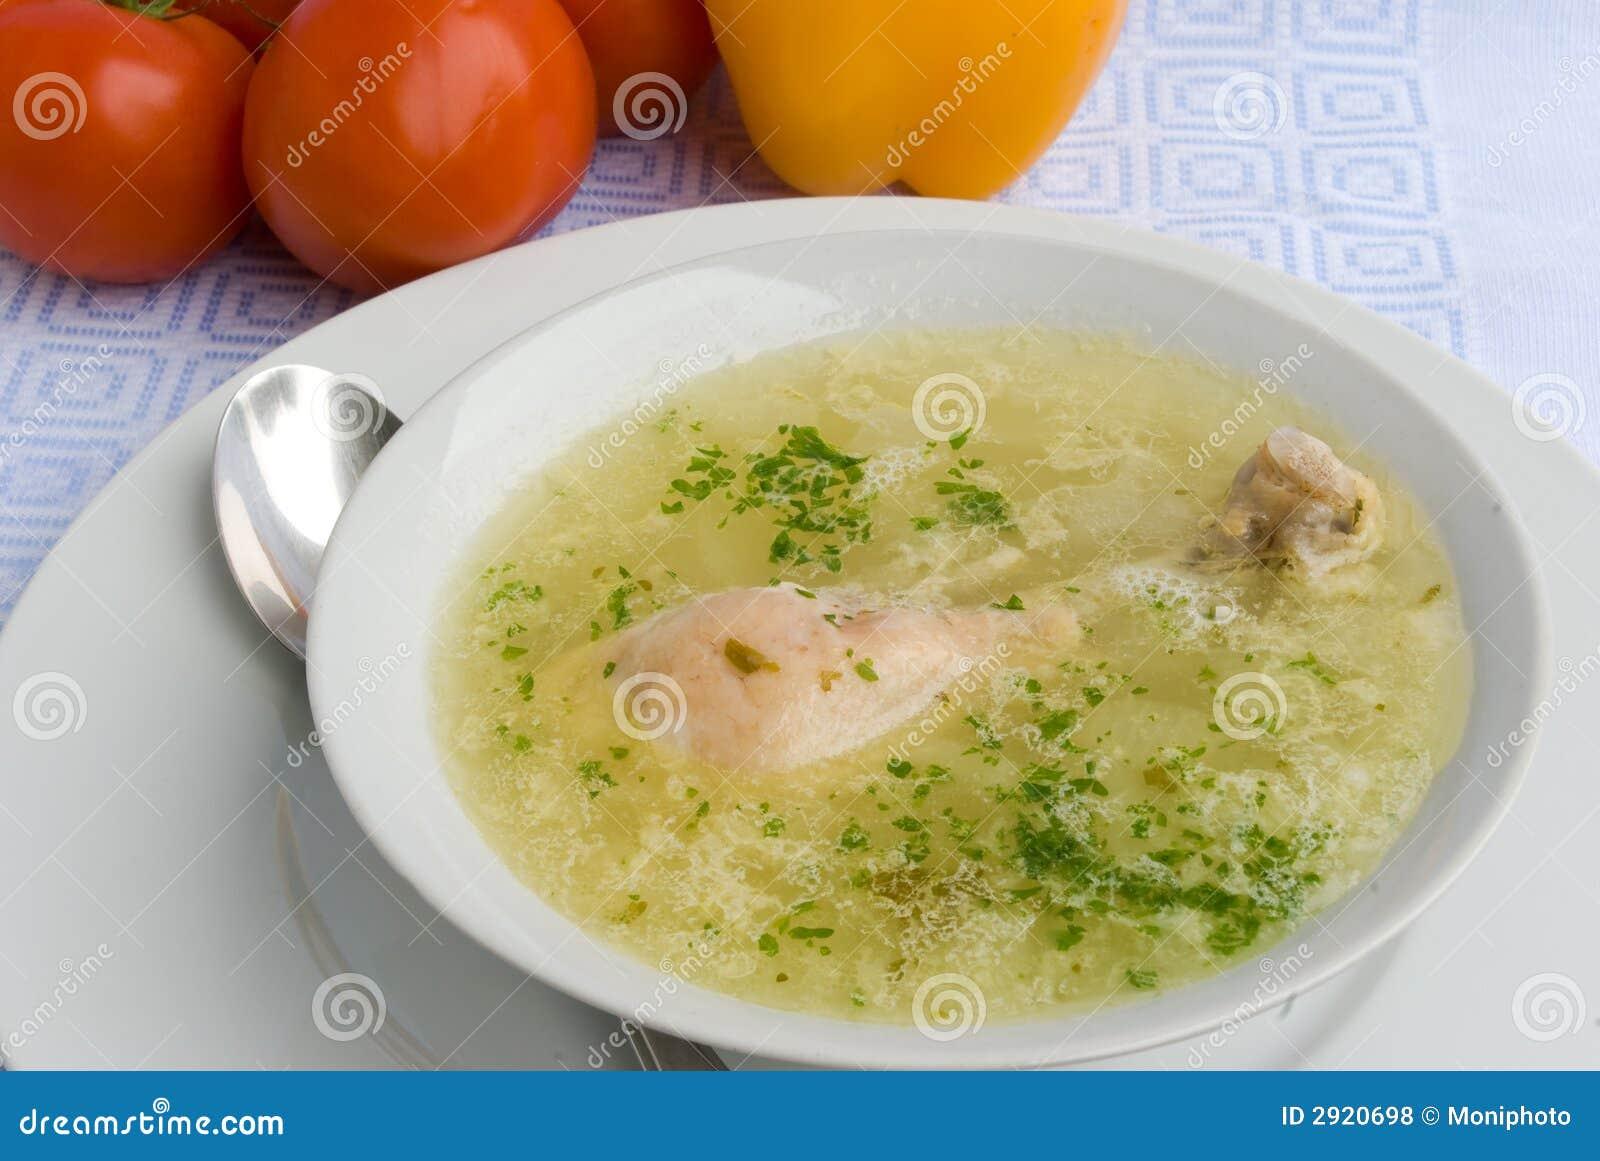 Sopa de galinha com pé de galinha